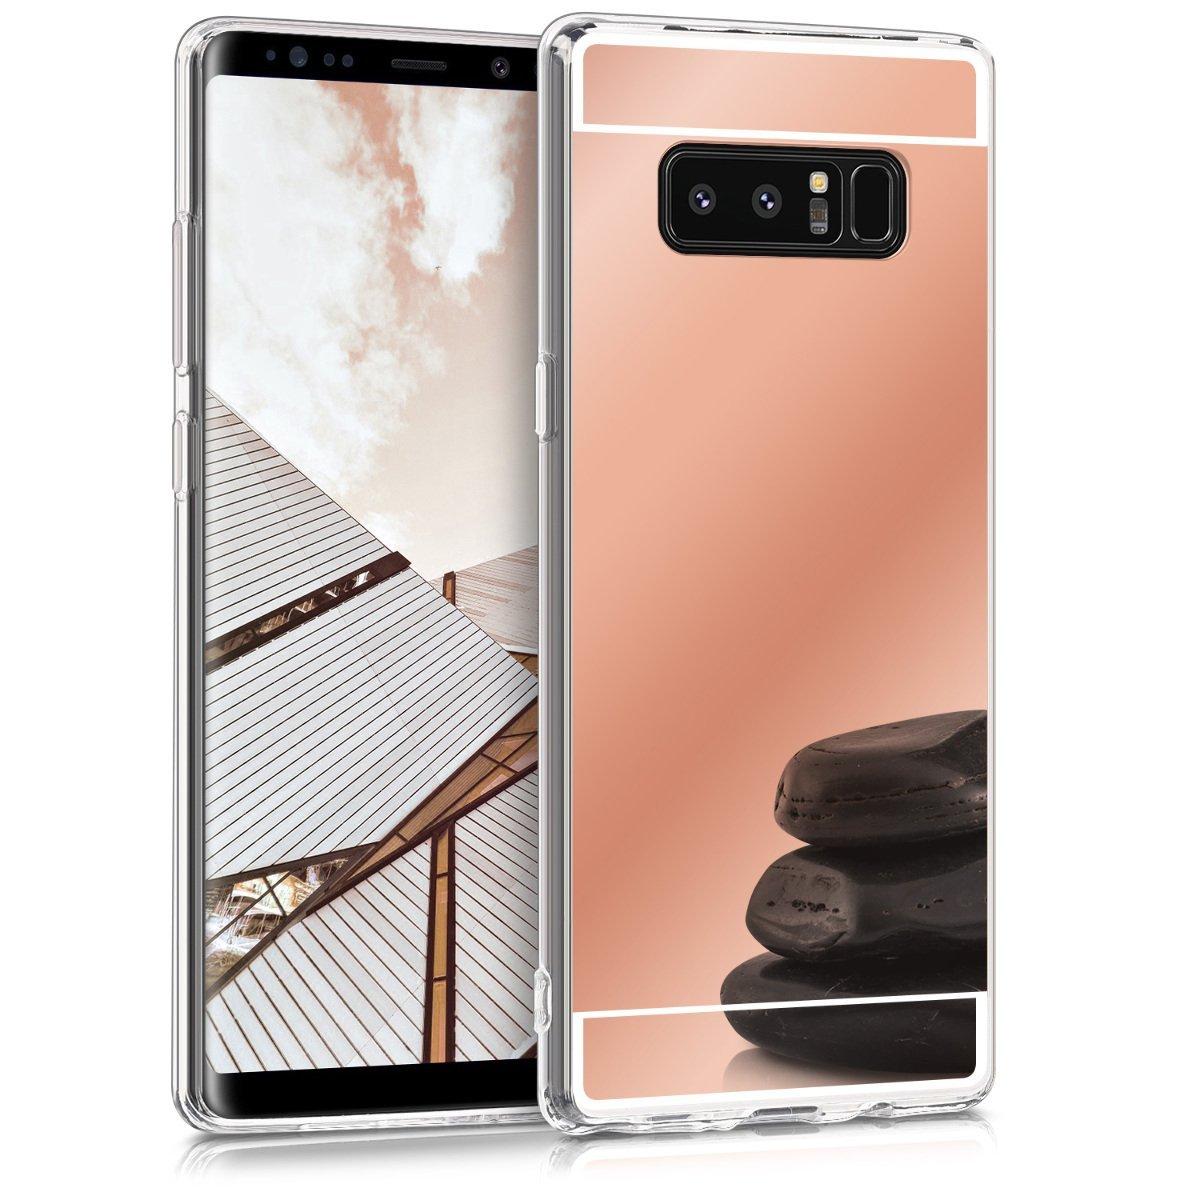 KW Θήκη Σιλικόνης με Καθρέφτη Samsung Galaxy Note 8 - Rose Gold (43330.41)